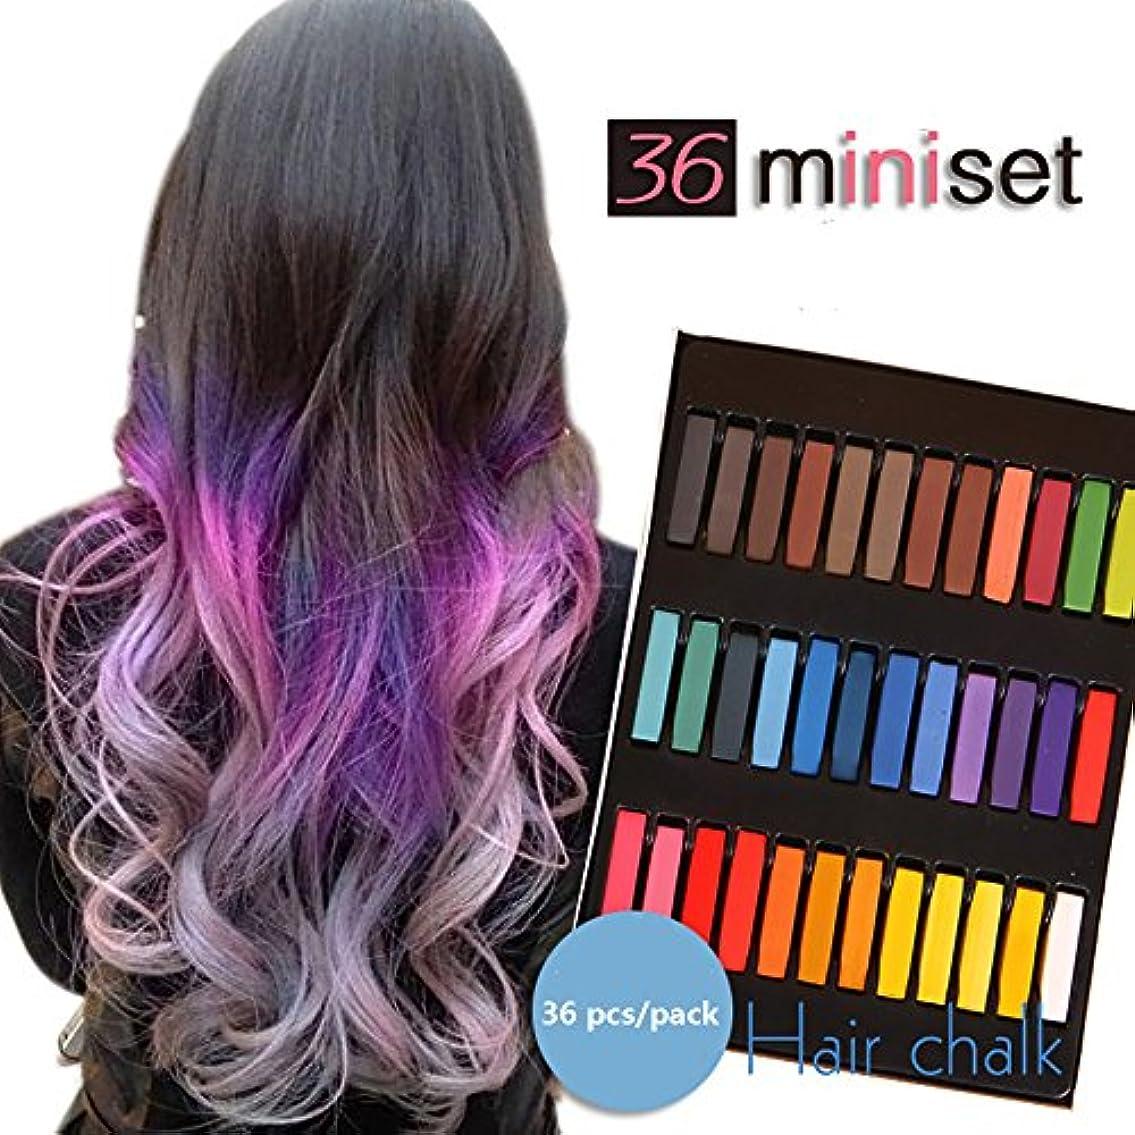 従来の資格情報可愛い大ブレイク中!HAIR CHALKIN 選べる 6色/12色/24色/36色 髪専用に開発された安心商品! ヘアチョーク ヘアカラーチョーク 一日だけのヘアカラーでイメチェンが楽しめる!美容室のヘアカラーでは表現しづらい...